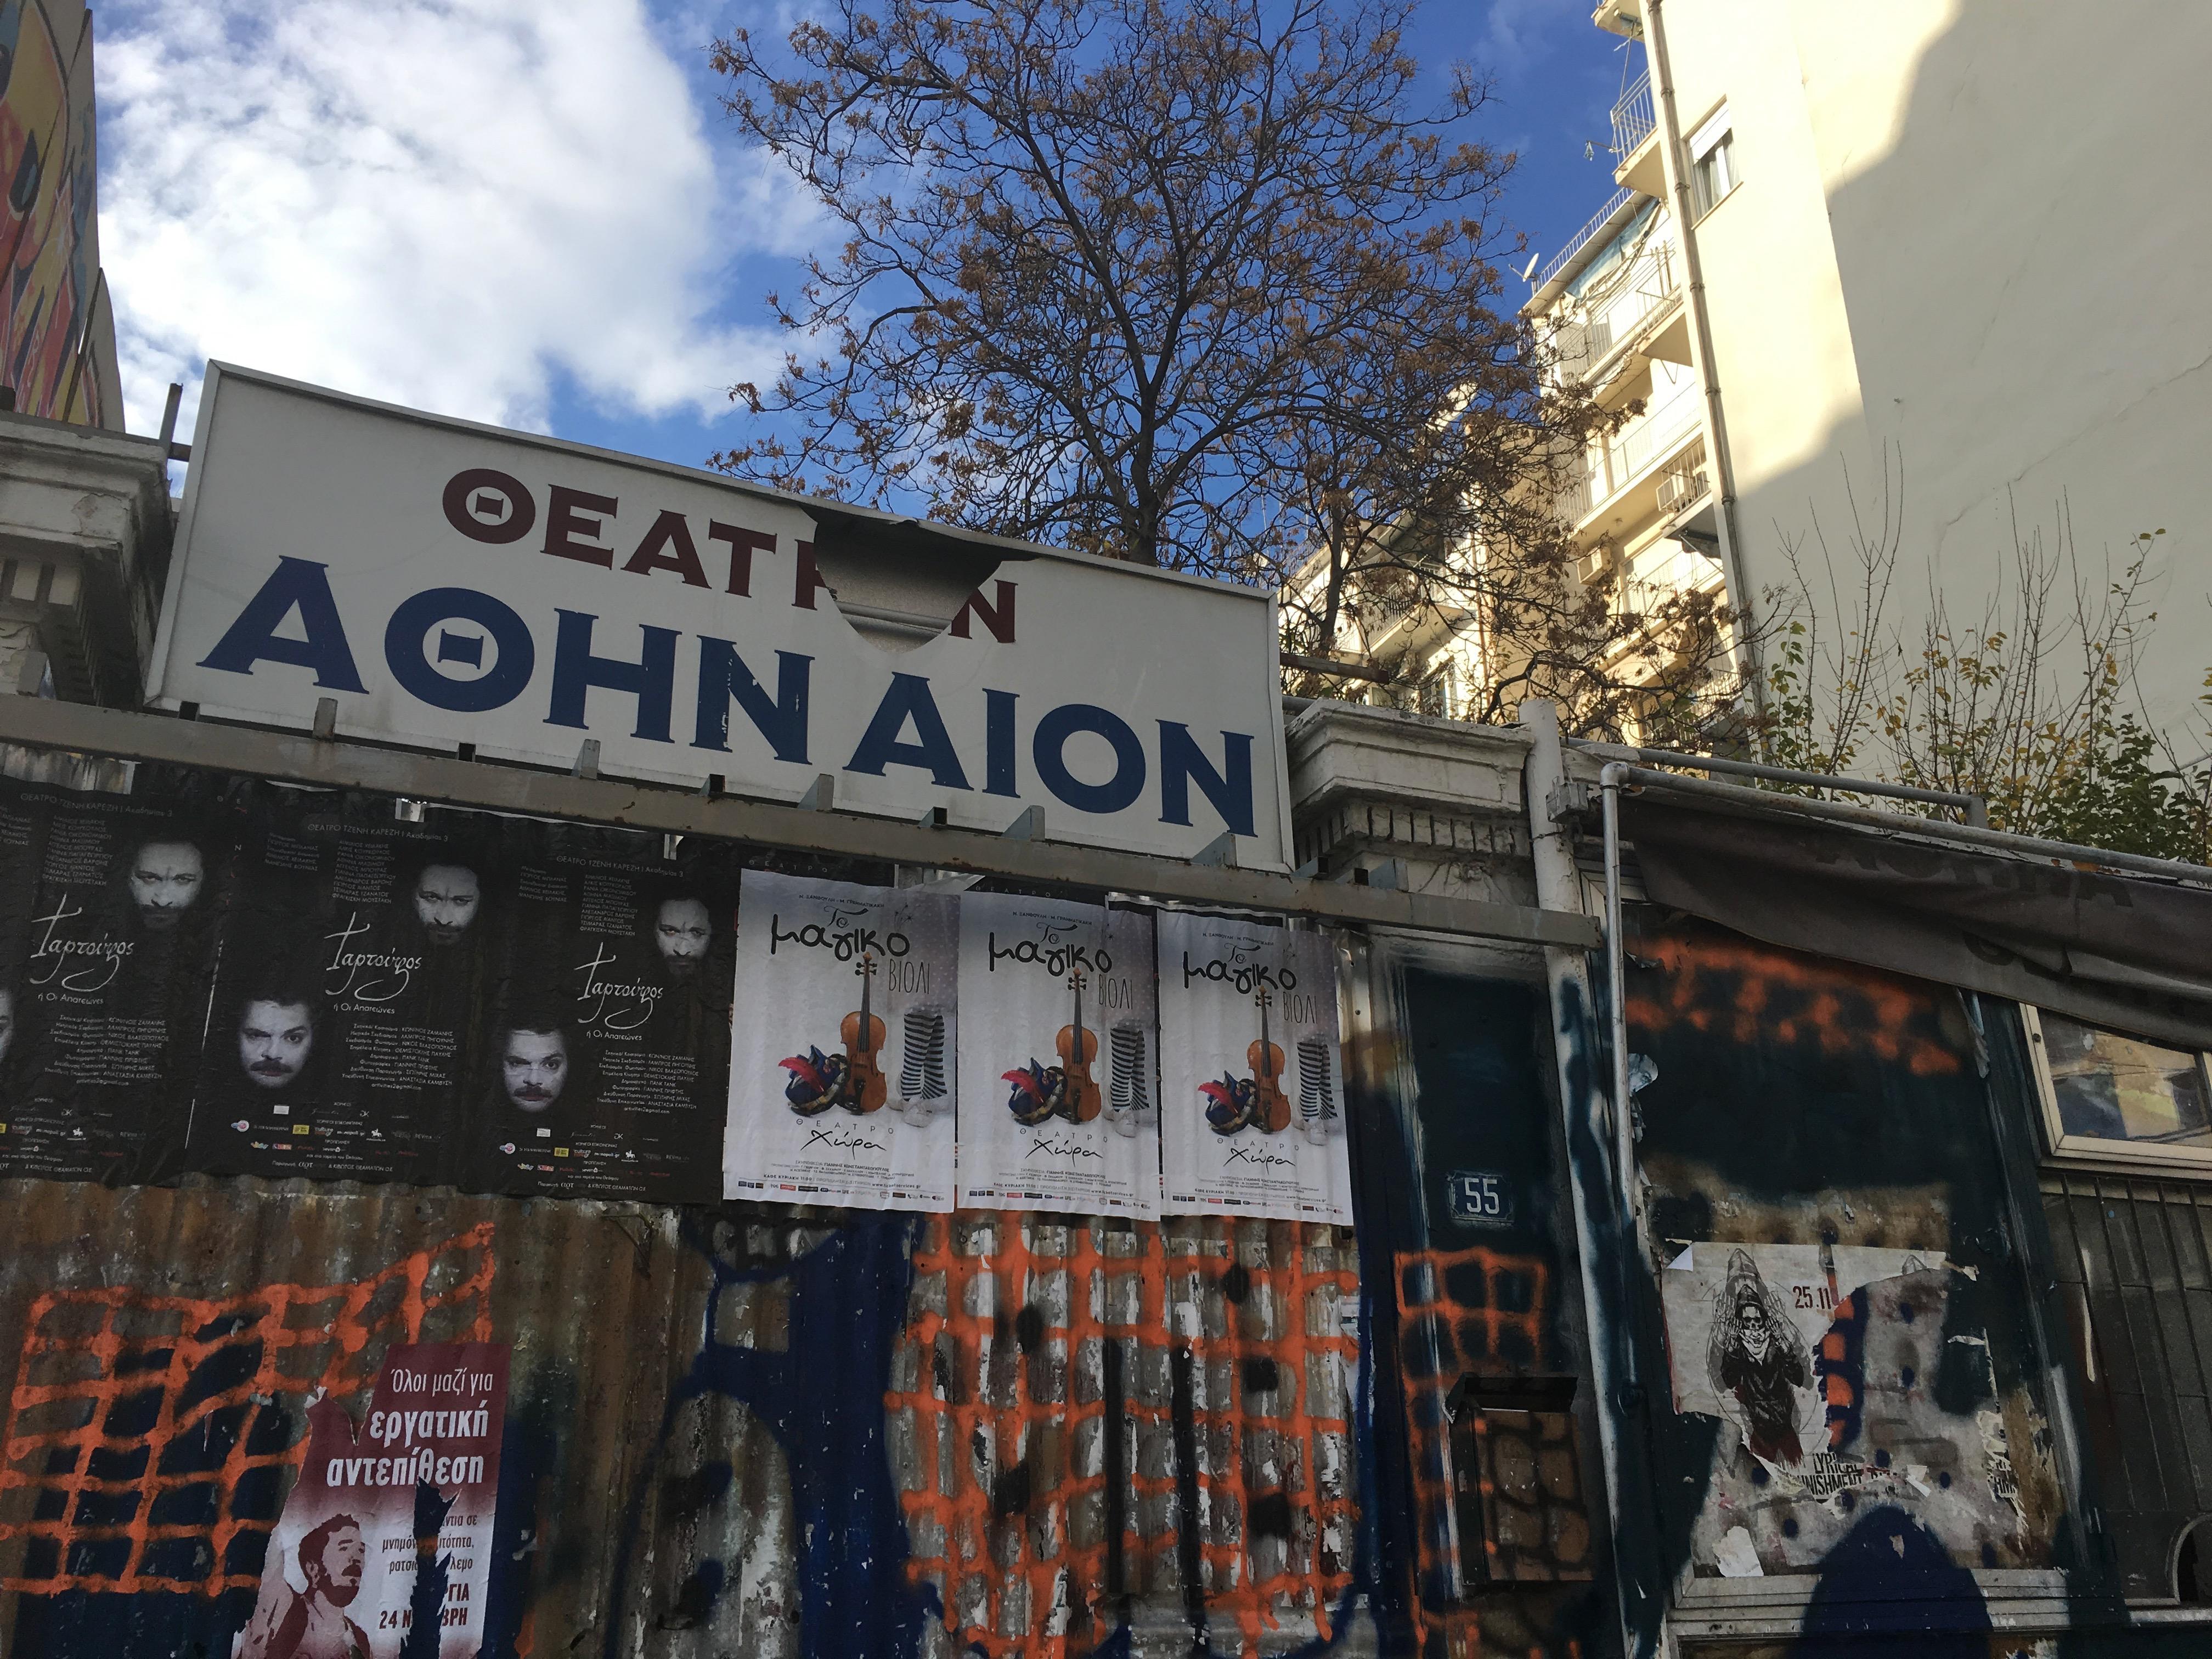 Θέατρο Αθήναιον